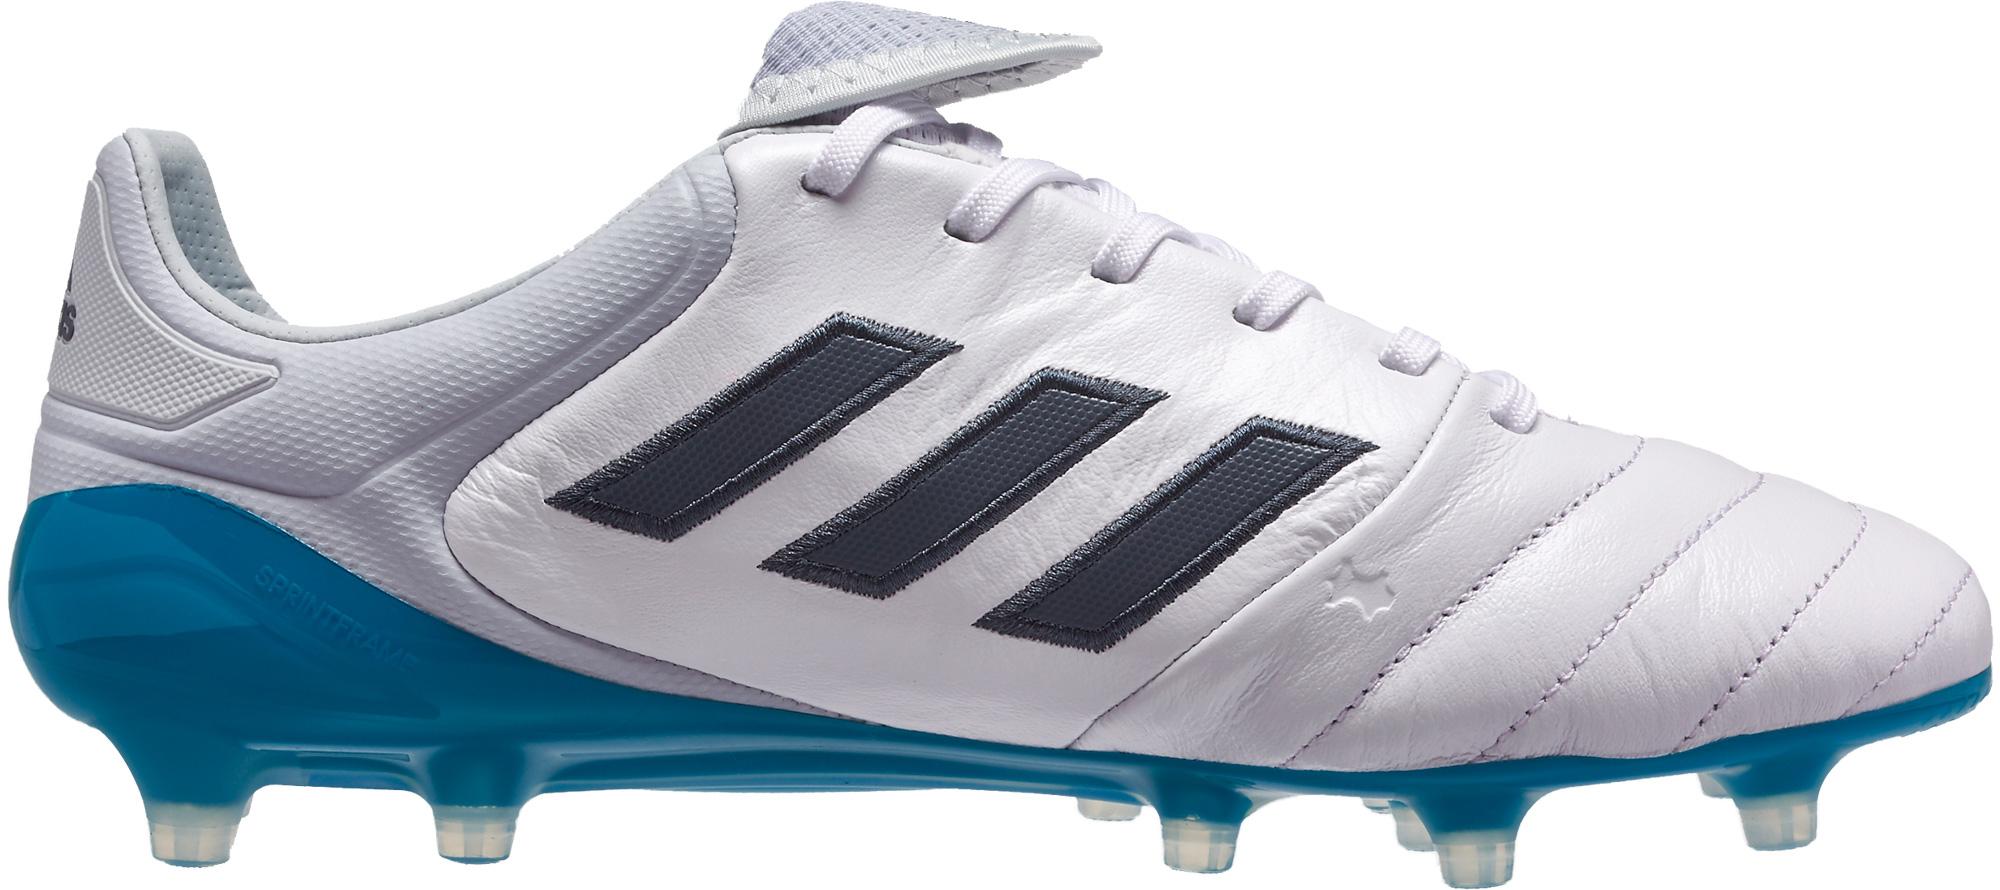 adidas copa fg scarpini da calcio chiari grey & onix calcio maestro